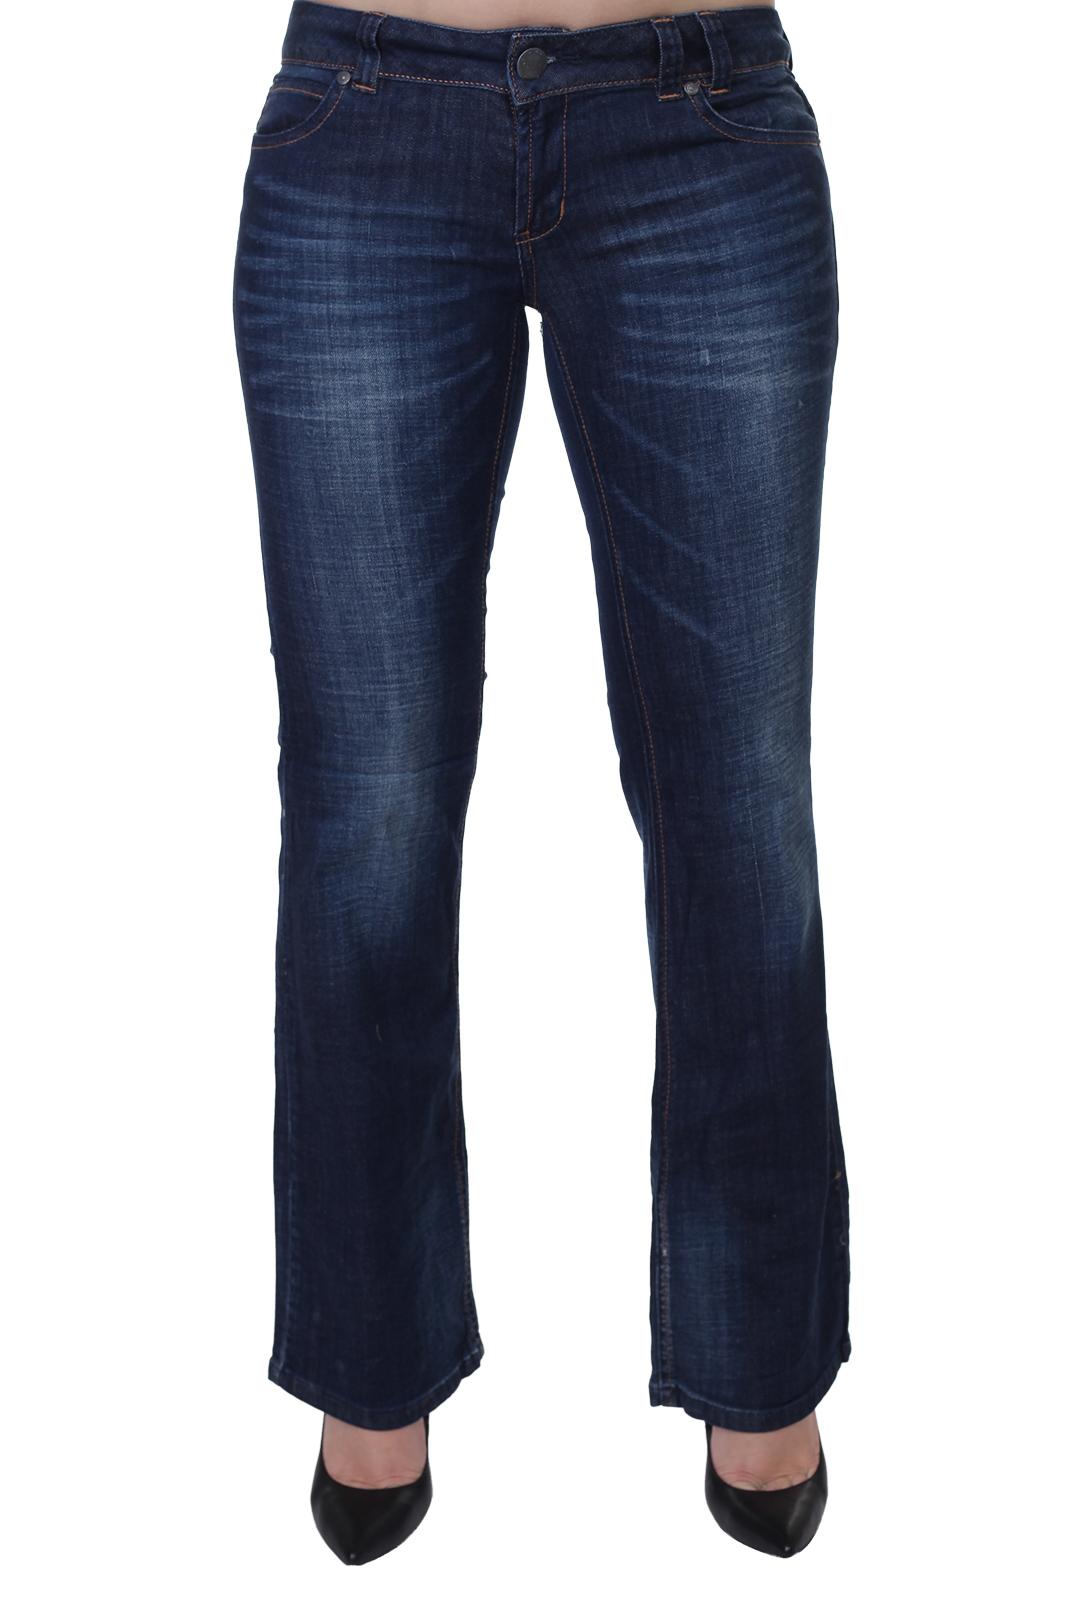 Качественные женские джинсы .